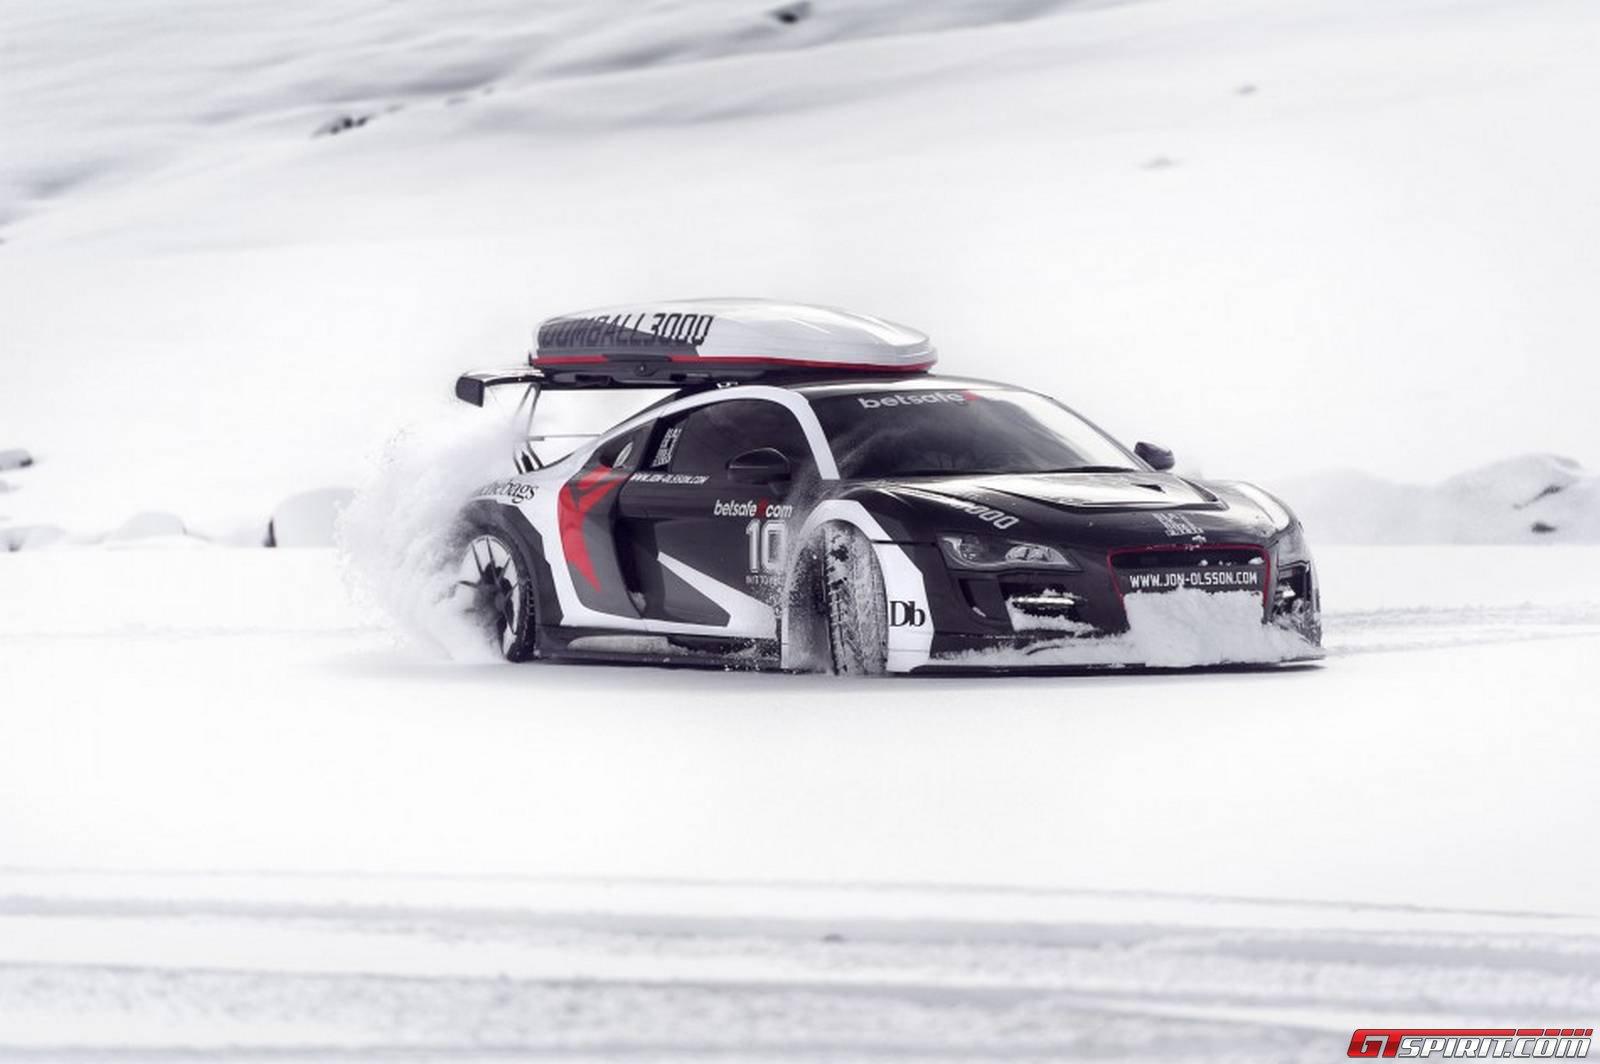 Marvelous Photoshoot Of Jon Olsson S Audi R8 On Snow In